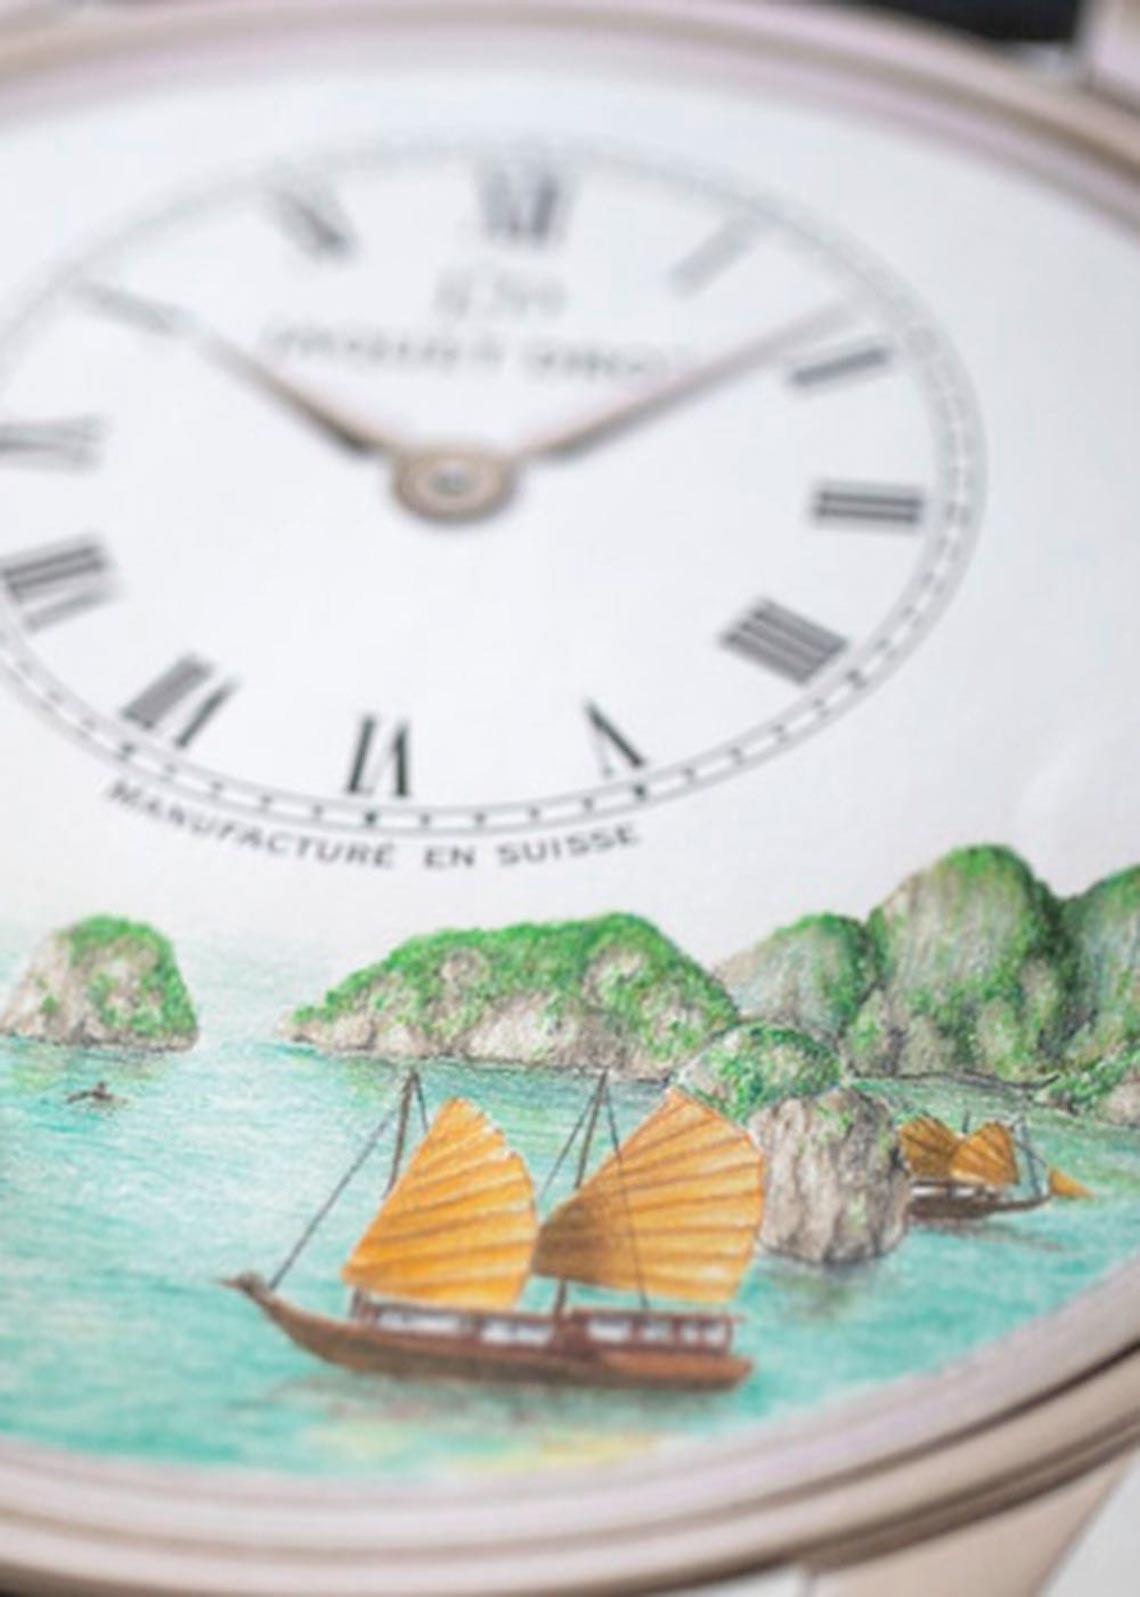 Vịnh Hạ Long xuất hiện trong thiết kế độc bản Petite Heure Minute của Jaquet Droz-5